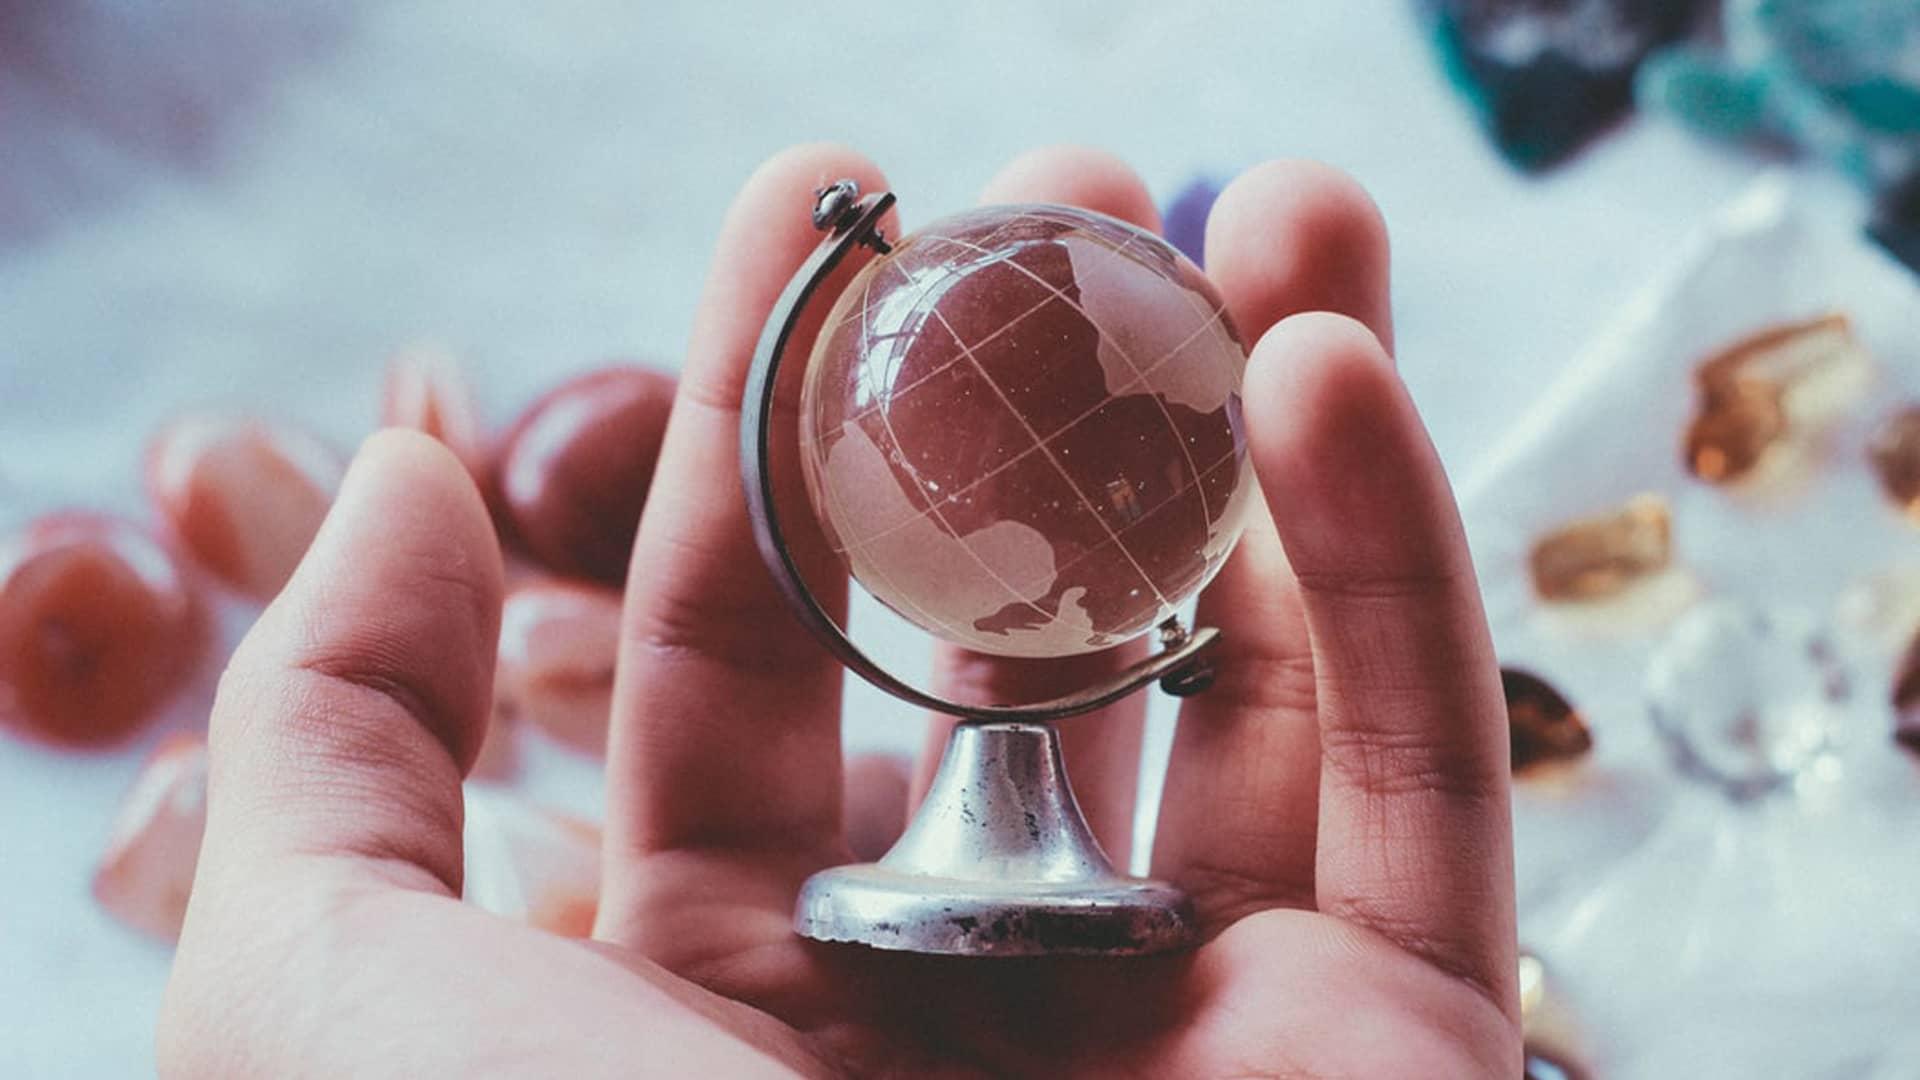 Llamadas internacionales con Movistar: bonos y tarifas